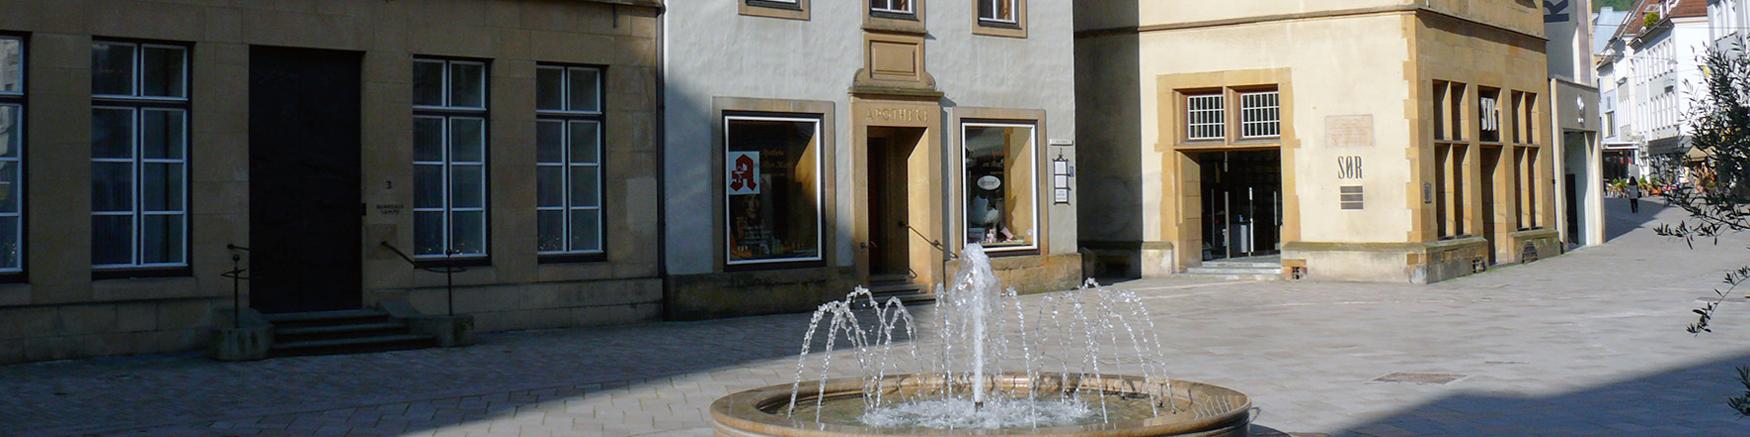 Apotheke am Alten Markt - Außenansicht